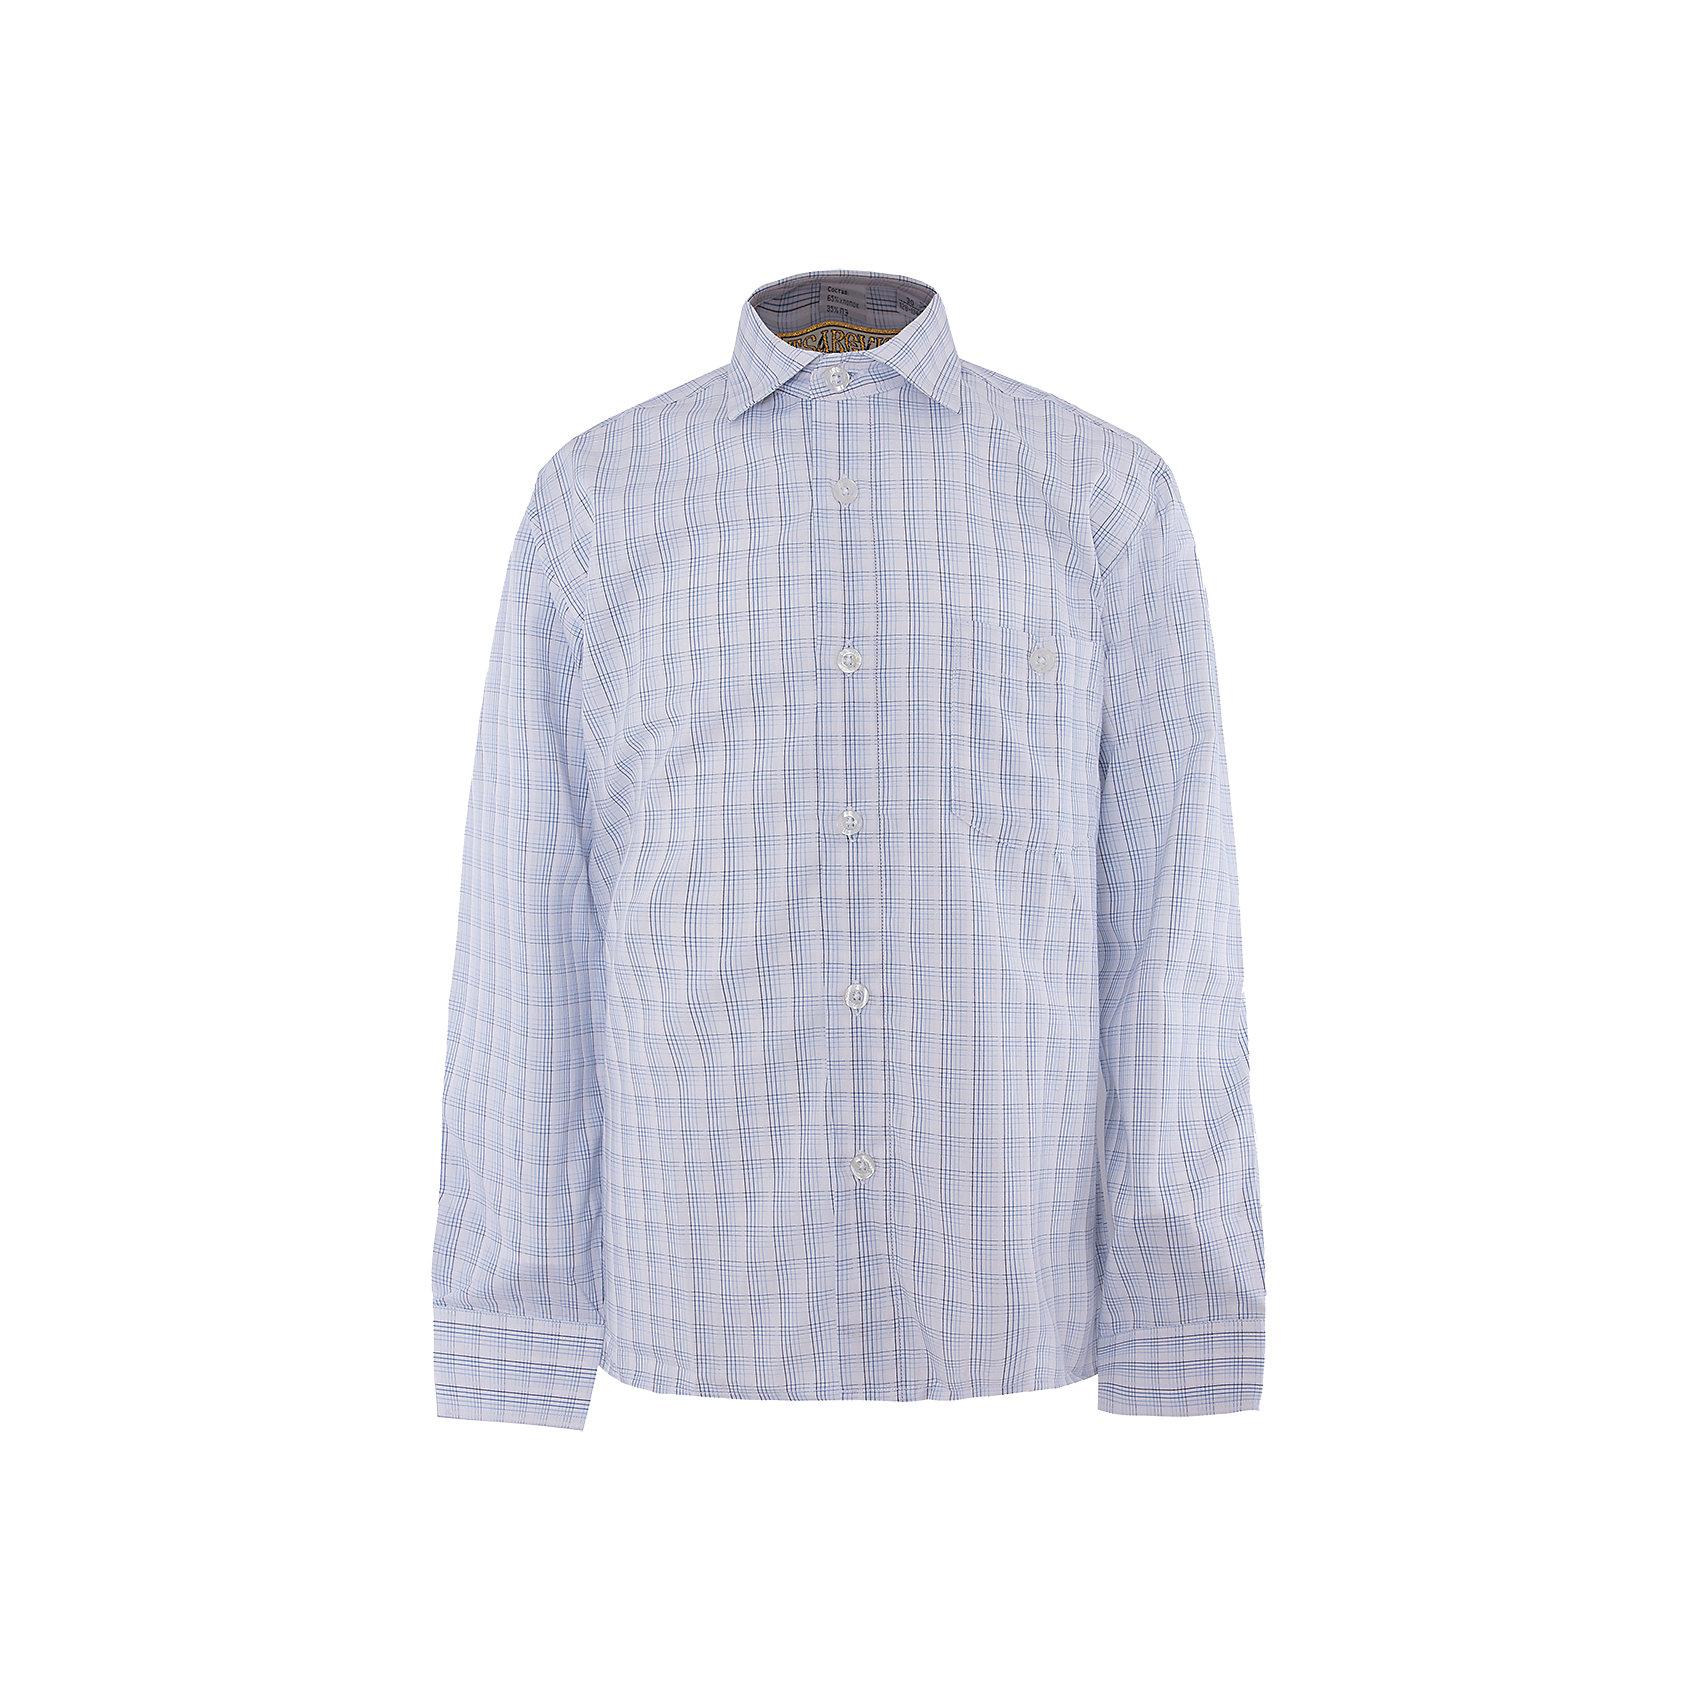 Рубашка для мальчика TsarevichБлузки и рубашки<br>Характеристики товара:<br><br>• цвет: голубой<br>• состав ткани: 65% хлопок, 35% полиэстер<br>• особенности: школьная, праздничная<br>• застежка: пуговицы<br>• рукава: длинные<br>• сезон: круглый год<br>• страна бренда: Российская Федерация<br>• страна изготовитель: Китай<br><br>Классическая сорочка для мальчика - отличный вариант практичной и стильной школьной одежды.<br><br>Классическая форма, накладной карман, воротник с отсрочкой, прямой низ, дышащая ткань с преобладанием хлопка - красиво и удобно.<br><br>Рубашку для мальчика Tsarevich (Царевич) можно купить в нашем интернет-магазине.<br><br>Ширина мм: 174<br>Глубина мм: 10<br>Высота мм: 169<br>Вес г: 157<br>Цвет: синий/белый<br>Возраст от месяцев: 132<br>Возраст до месяцев: 144<br>Пол: Мужской<br>Возраст: Детский<br>Размер: 146/152,128/134,164/170,152/158,140/146,134/140,122/128,158/164<br>SKU: 4295872